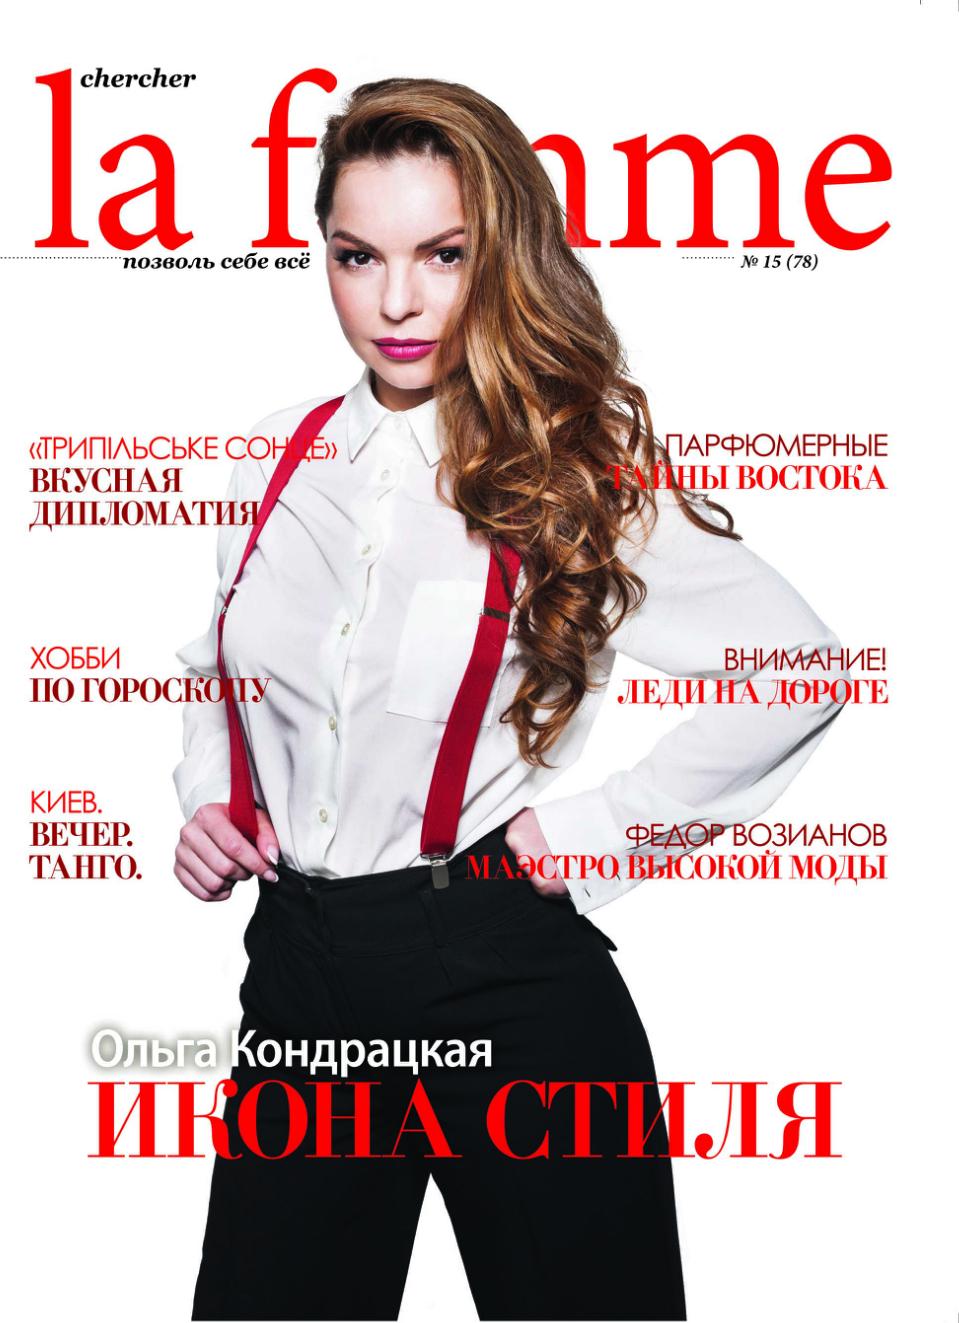 Ольга Кондрацкая обложка